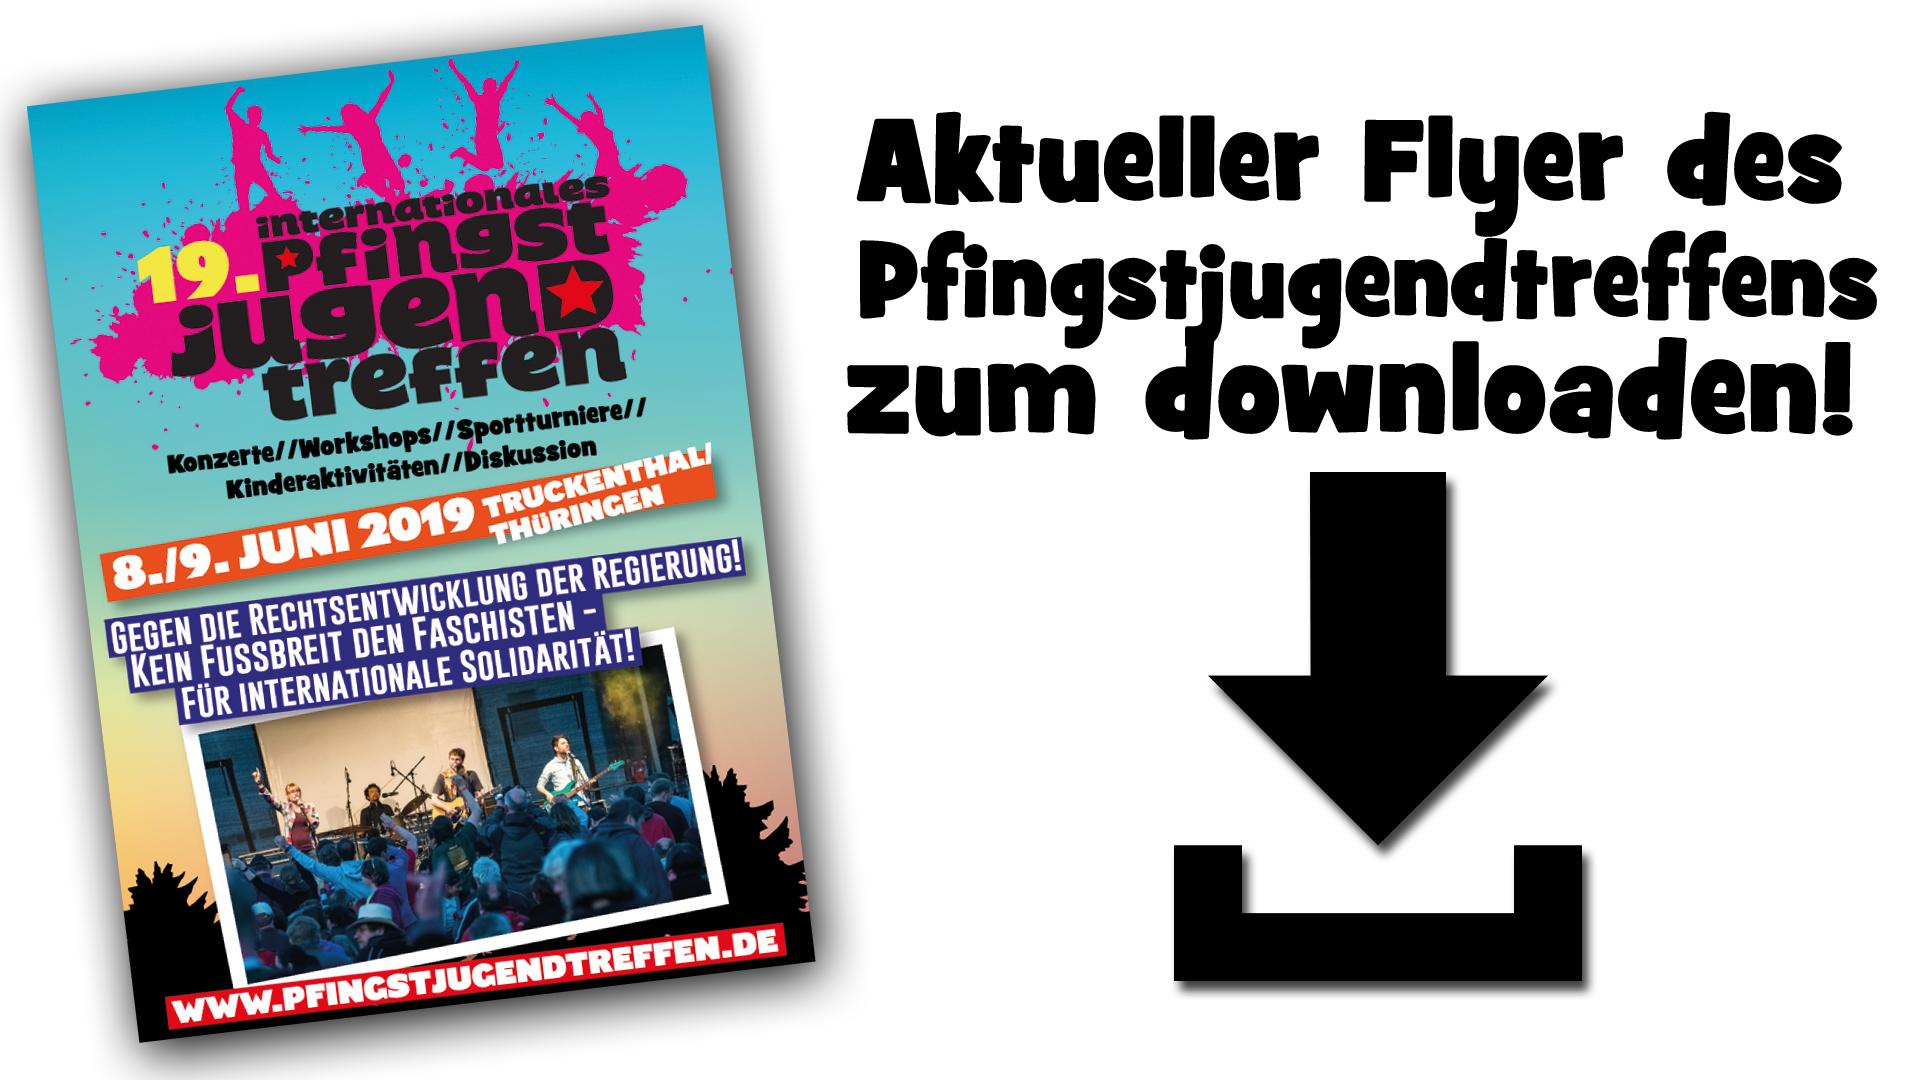 flyer-download-grafik